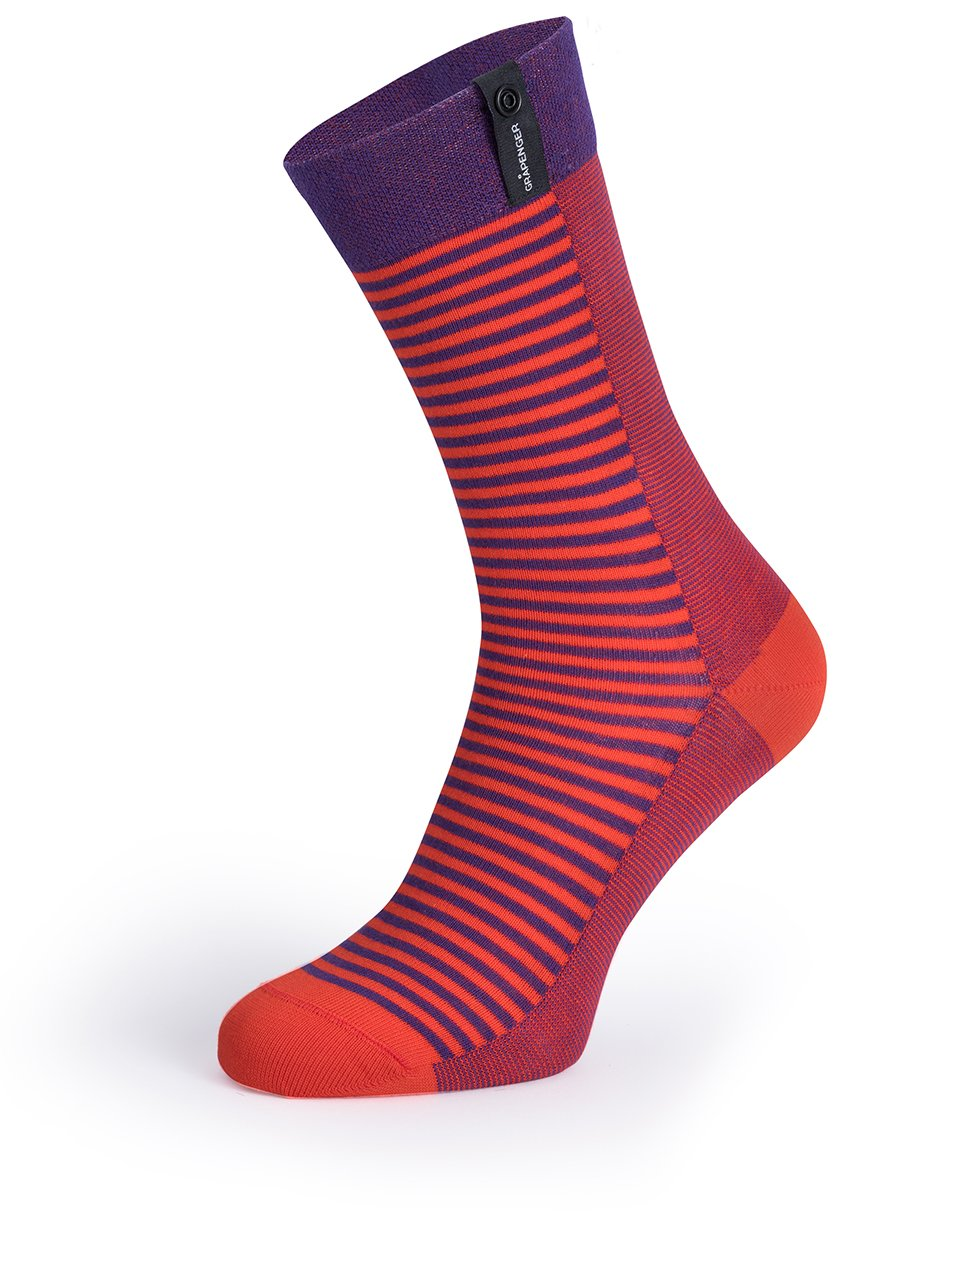 Fialovo-červené pruhované unisex ponožky V páru